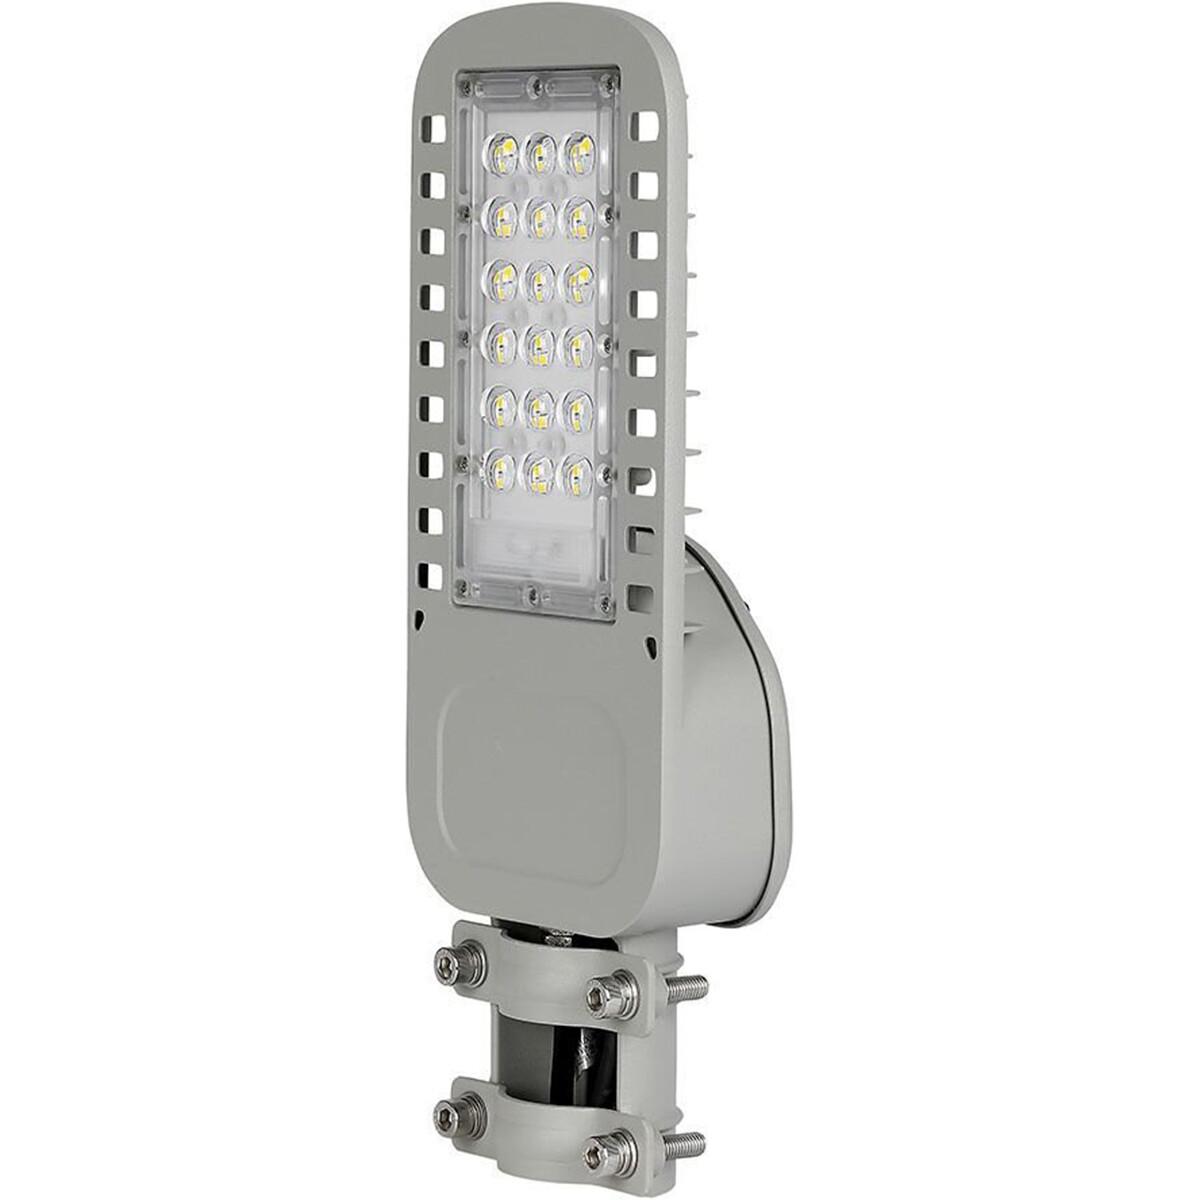 SAMSUNG - LED Straatlamp Slim - Viron Unato - 30W - Helder/Koud Wit 6400K - Waterdicht IP65 - Mat Gr